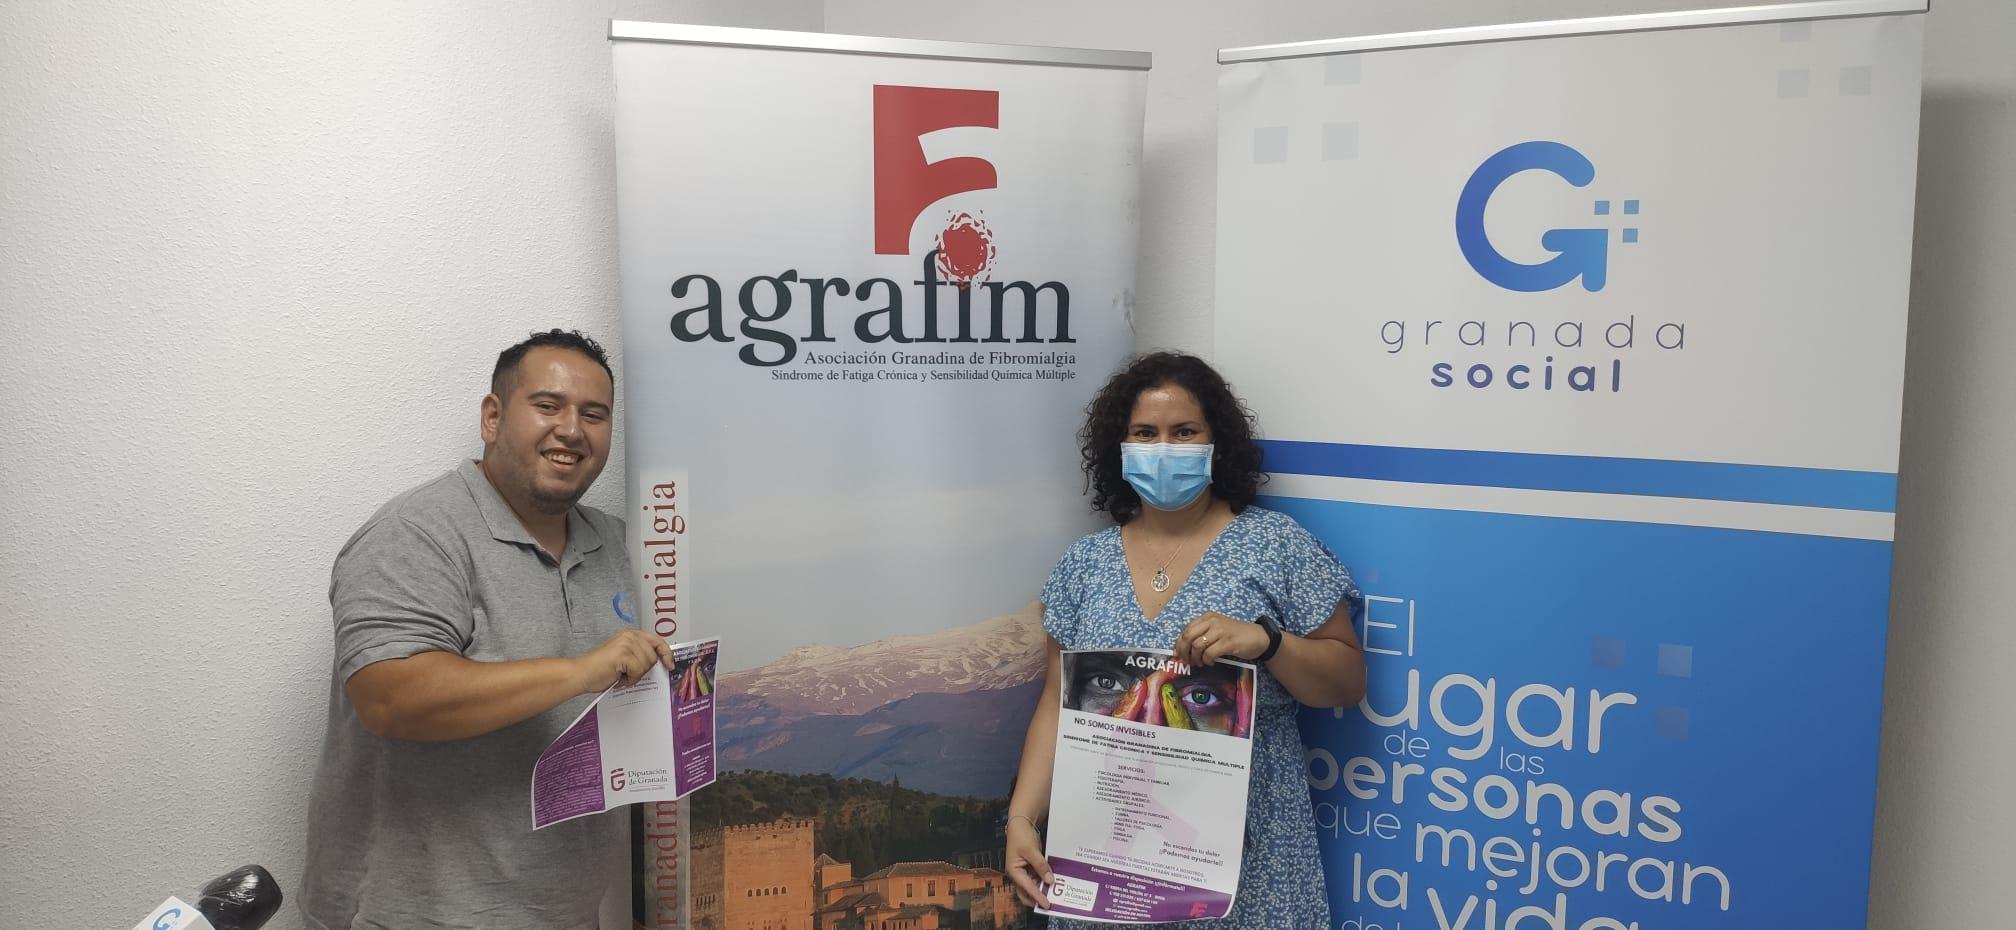 Conociendo AGRAFIM, Asociación Granadina de Fibromialgia, Síndrome de Fatiga Crónica y Sensibilidad Química Múltiple.